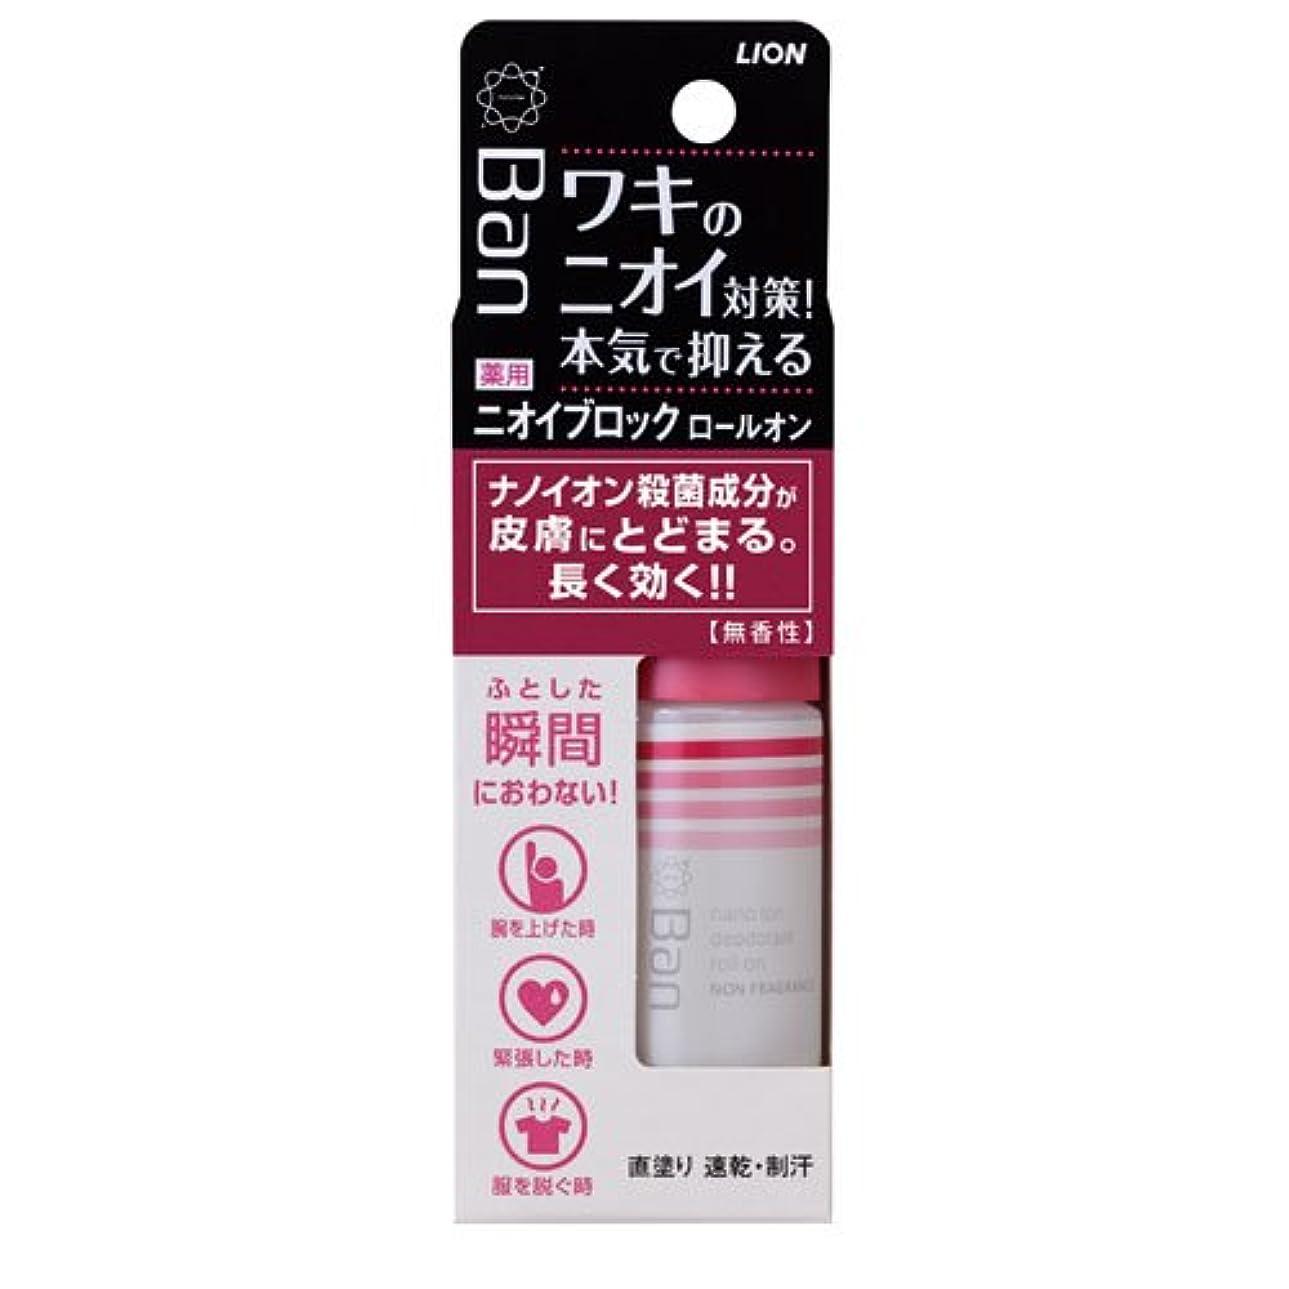 涙つばステーキBan(バン) ニオイブロックロールオン 無香性 40ml(医薬部外品)